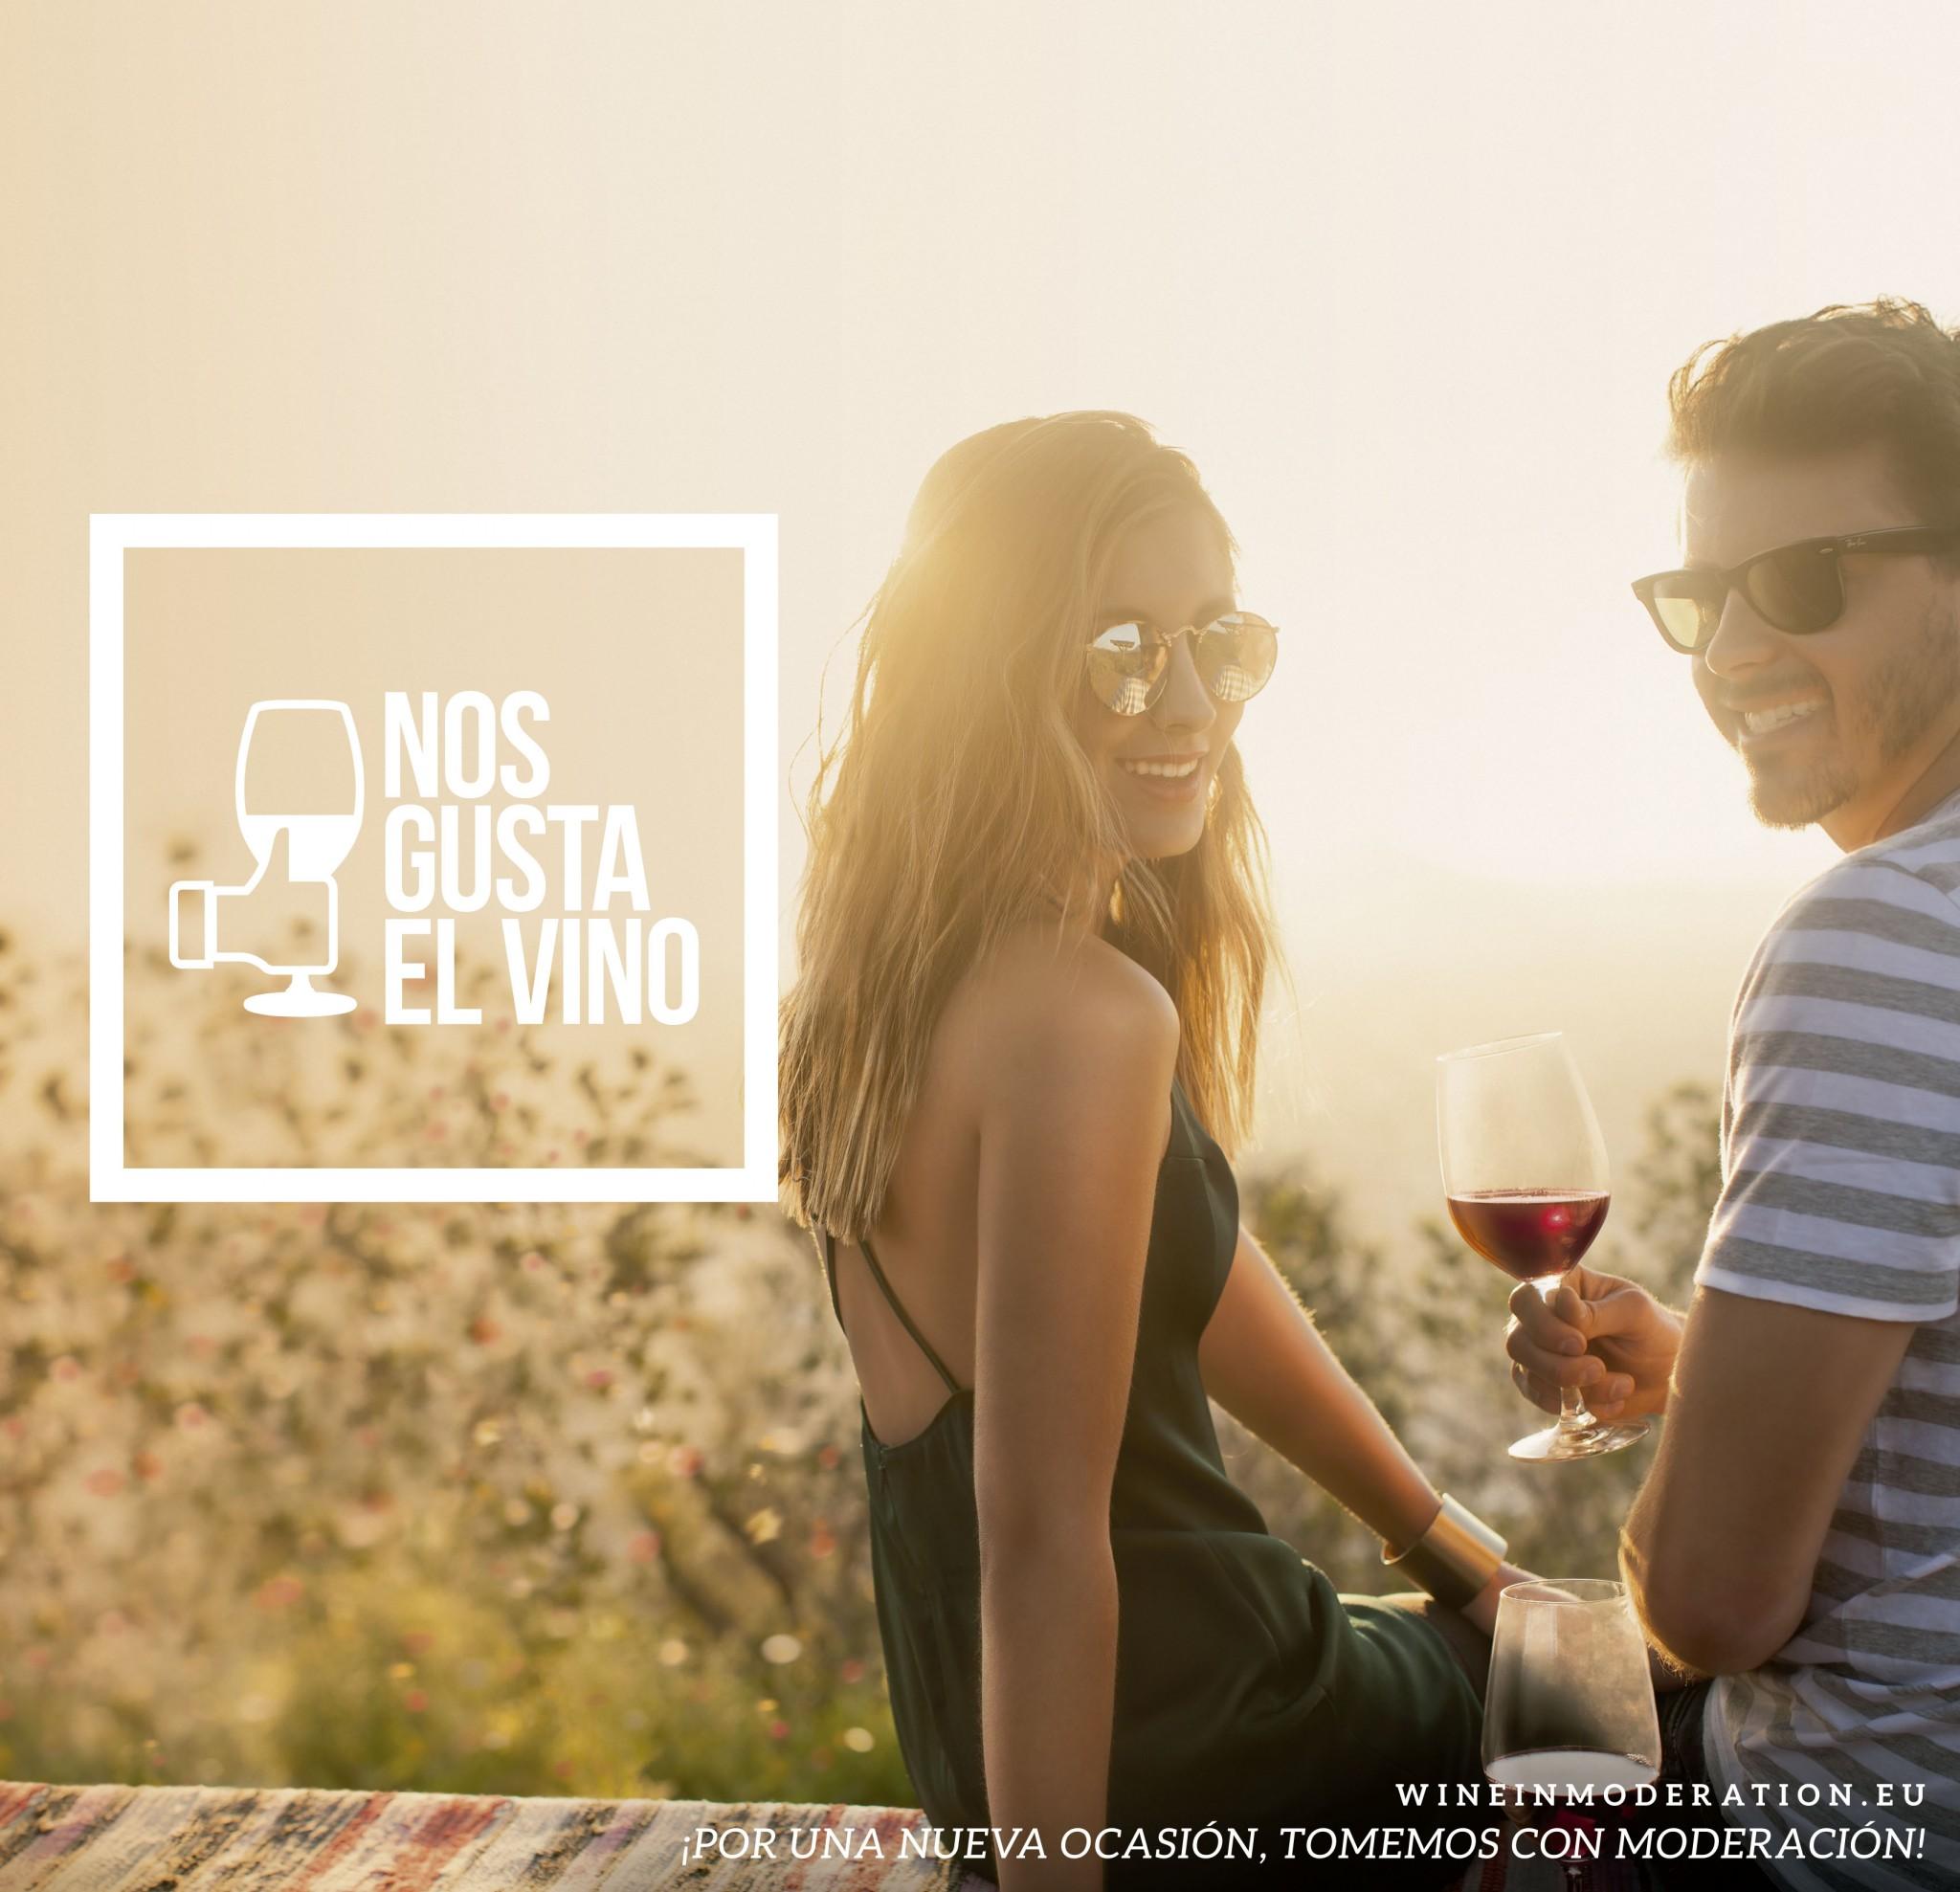 Campaña busca acercar Vinos de Chile en el país